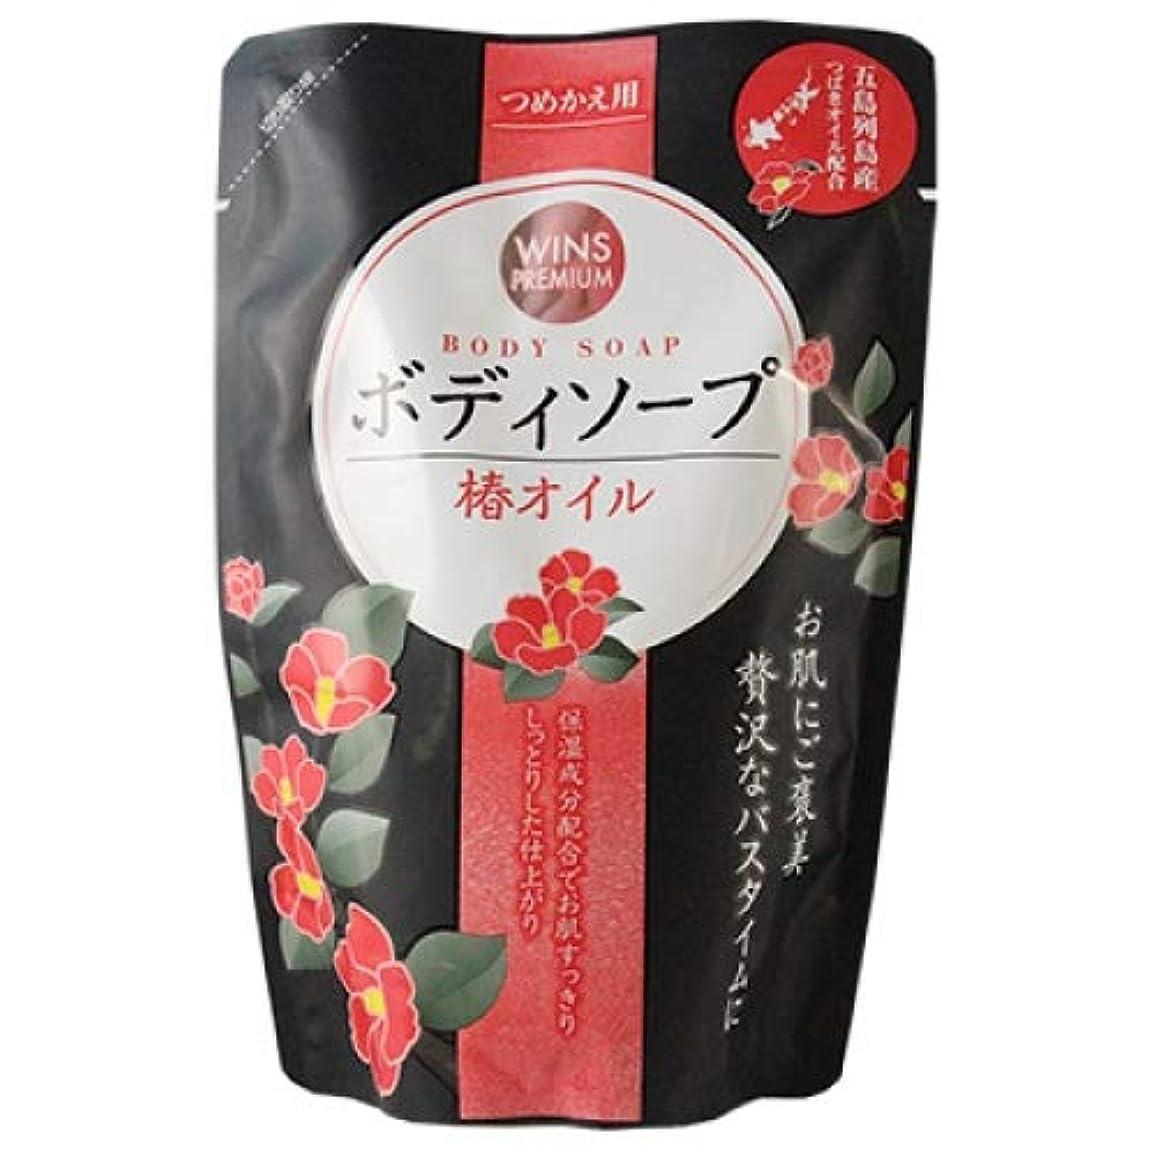 送る私たちのもの群集日本合成洗剤 ウインズ 椿オイル ボディソープ つめかえ用 400mL 4904112827240